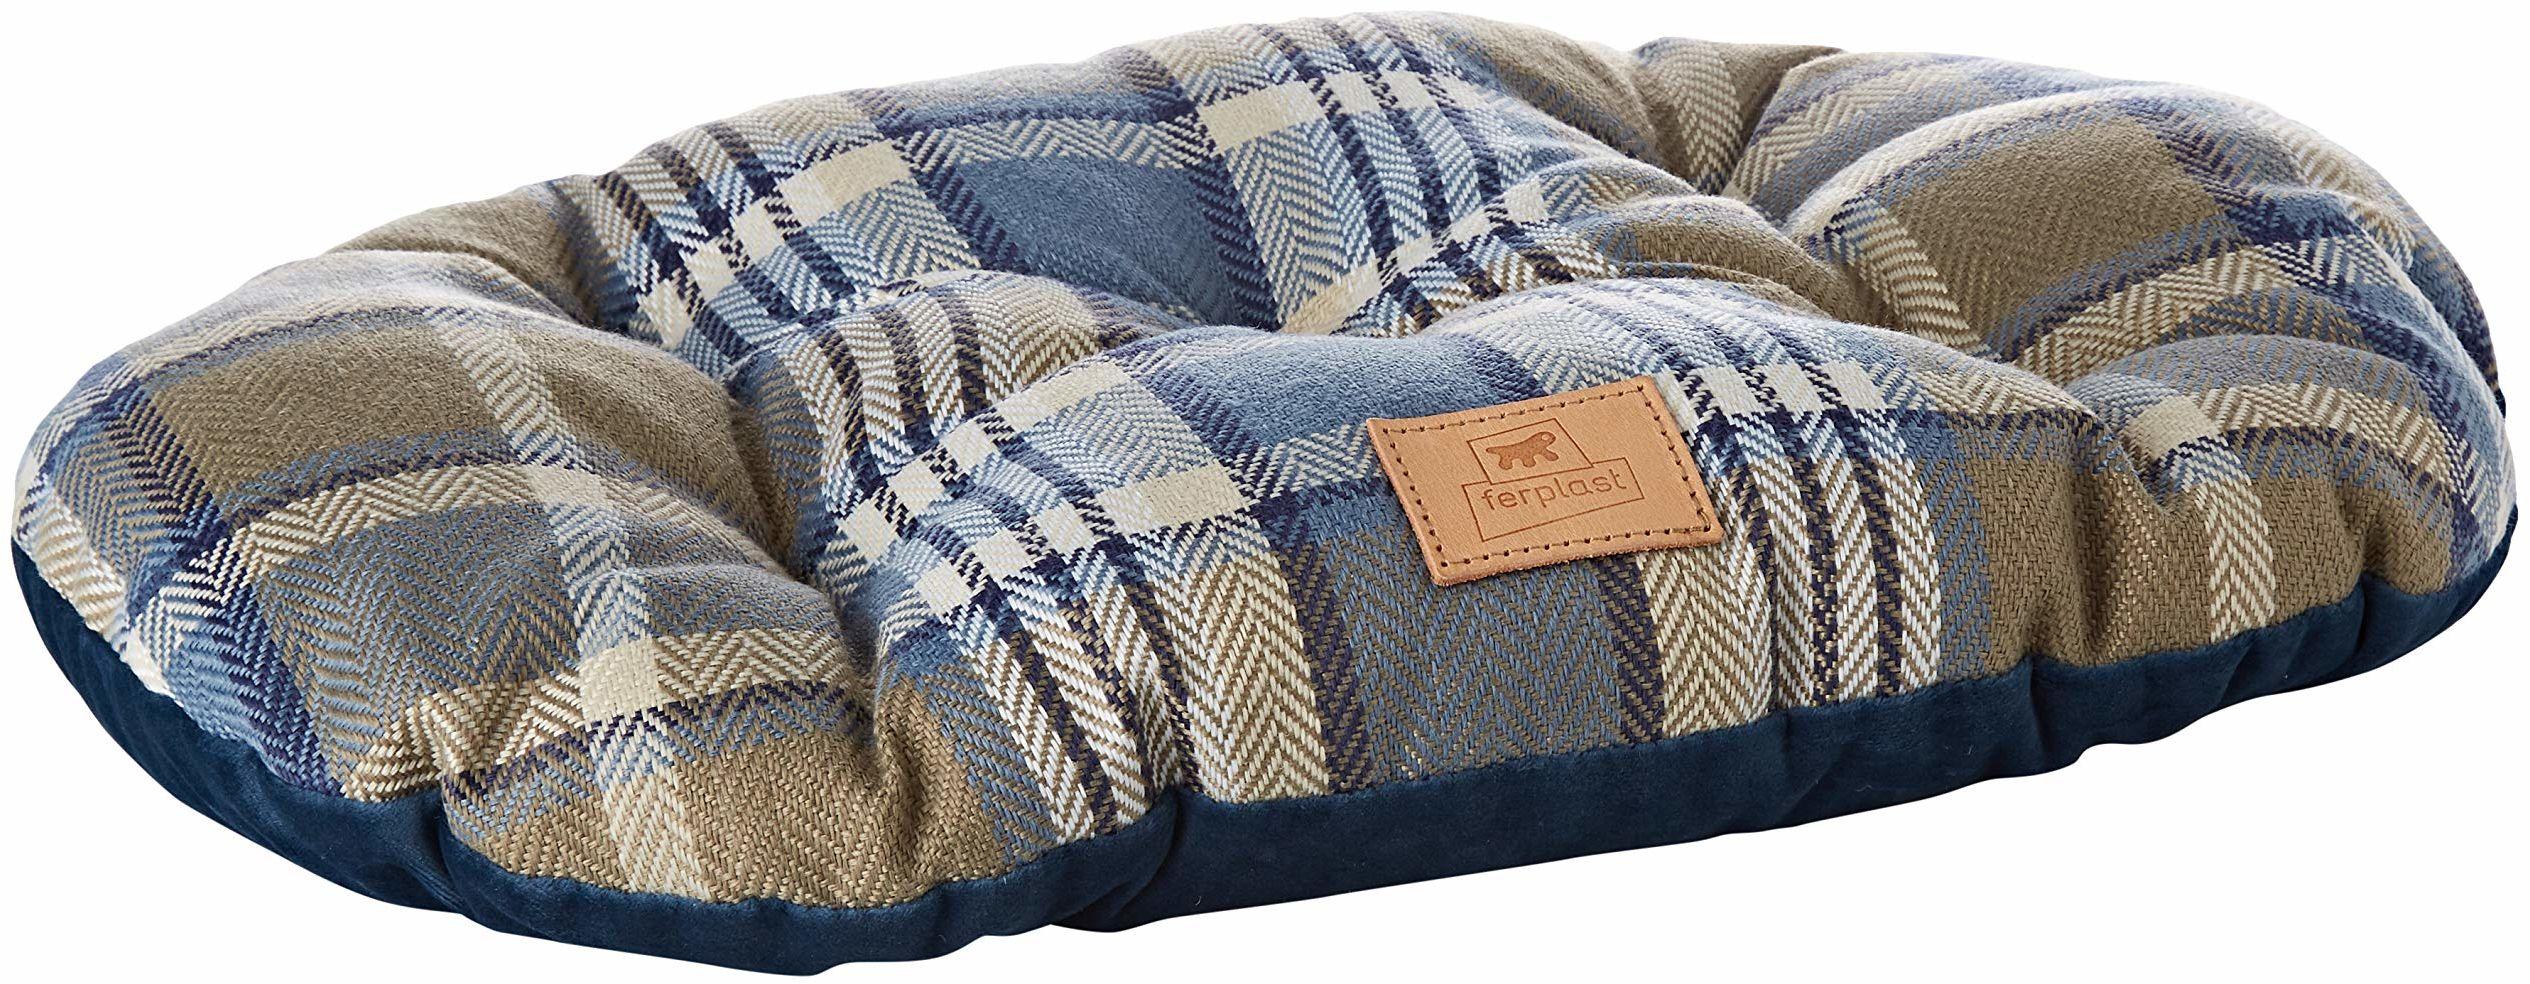 Wyściełana poduszka dla psów i kotów SCOTT 45/2, dwustronna, szkocki wzór, miękki aksamit, nadaje się do prania, kolor niebieski